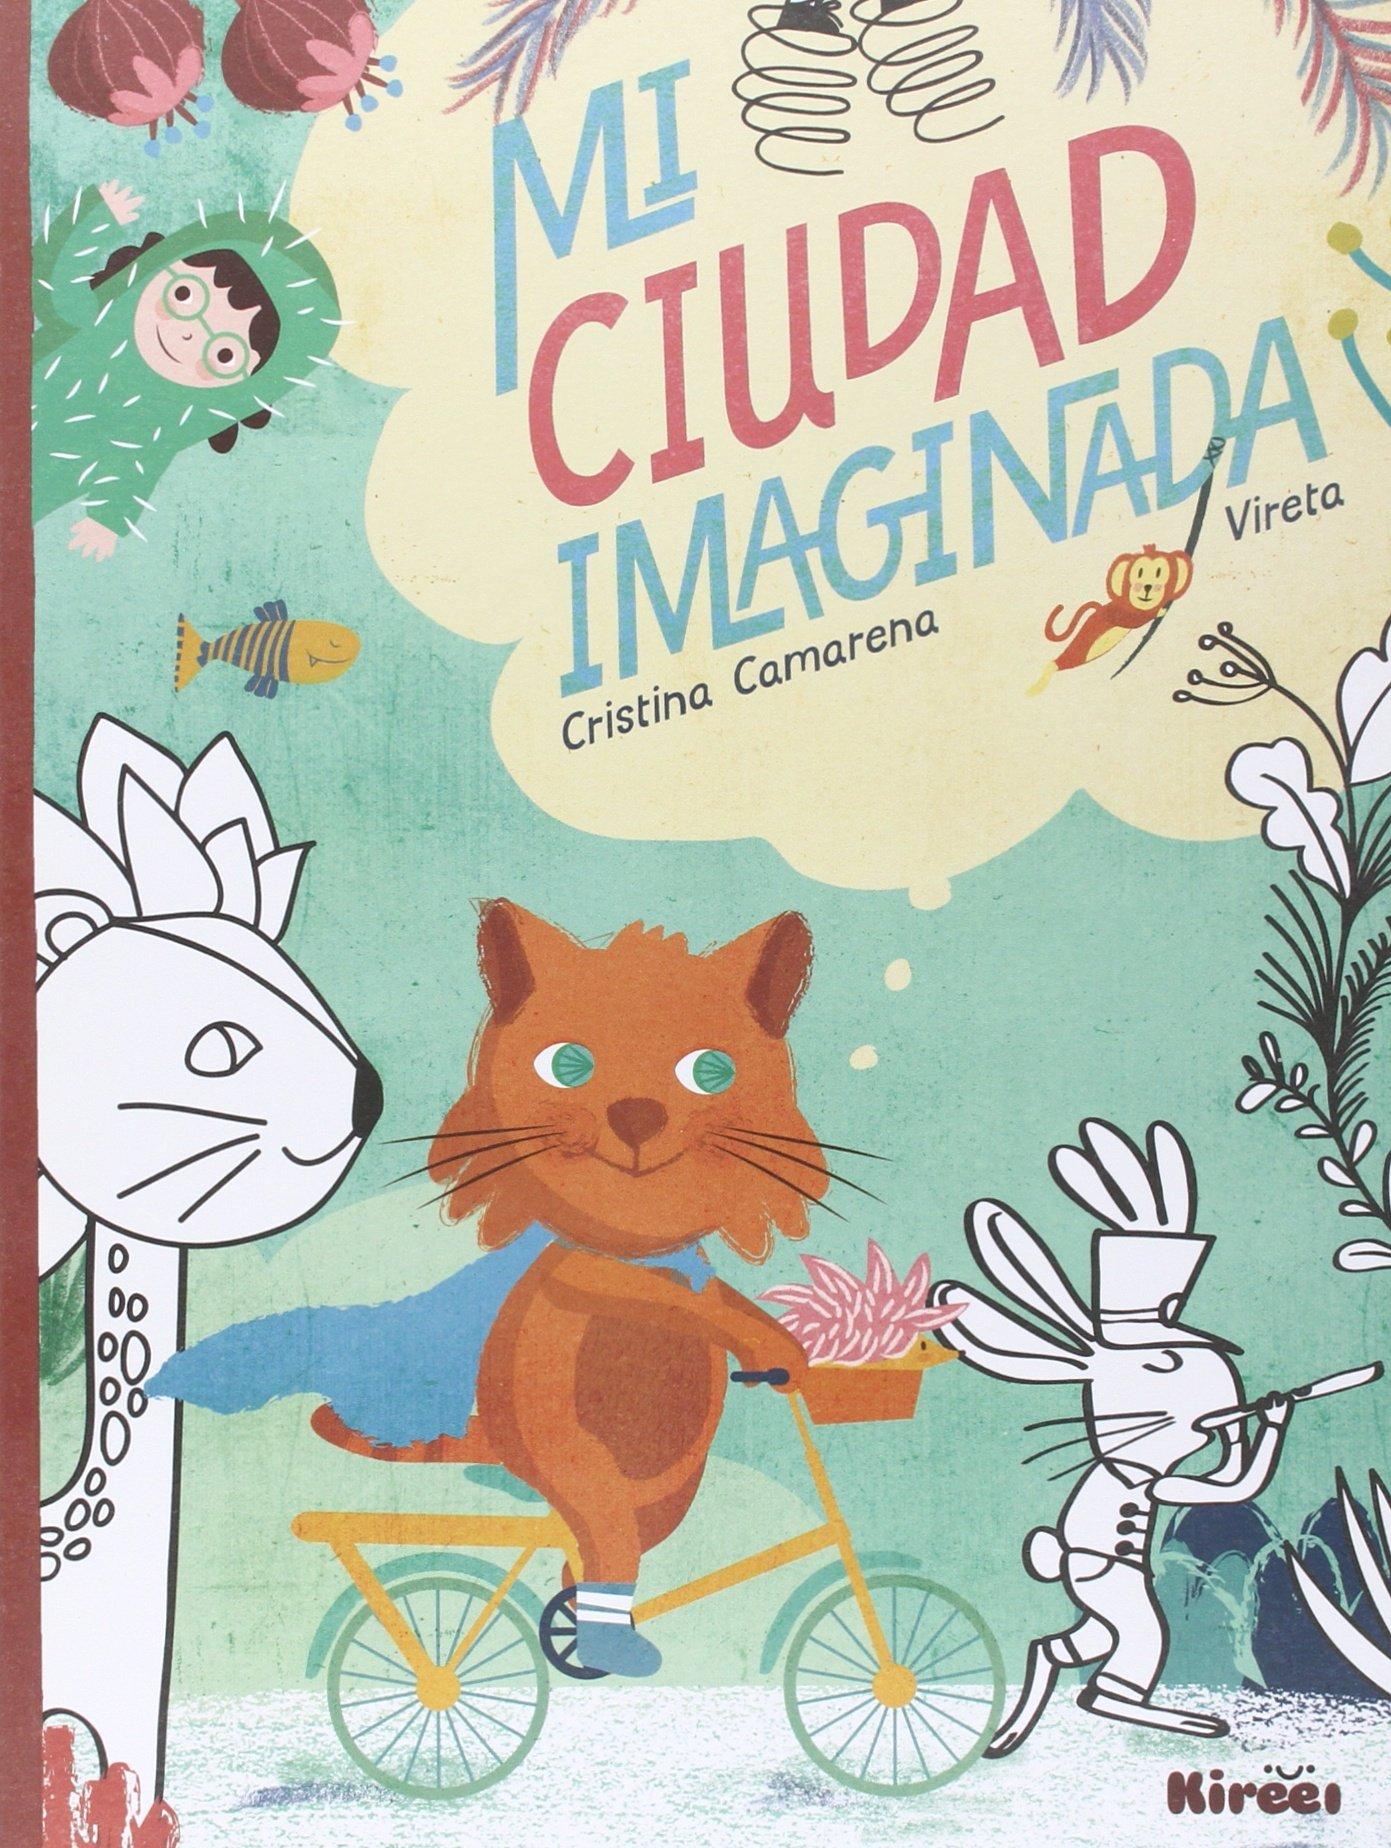 Mi Ciudad Imaginada: Amazon.es: Camarena Gras, Cristina, Rodríguez Garzón, Virginia: Libros